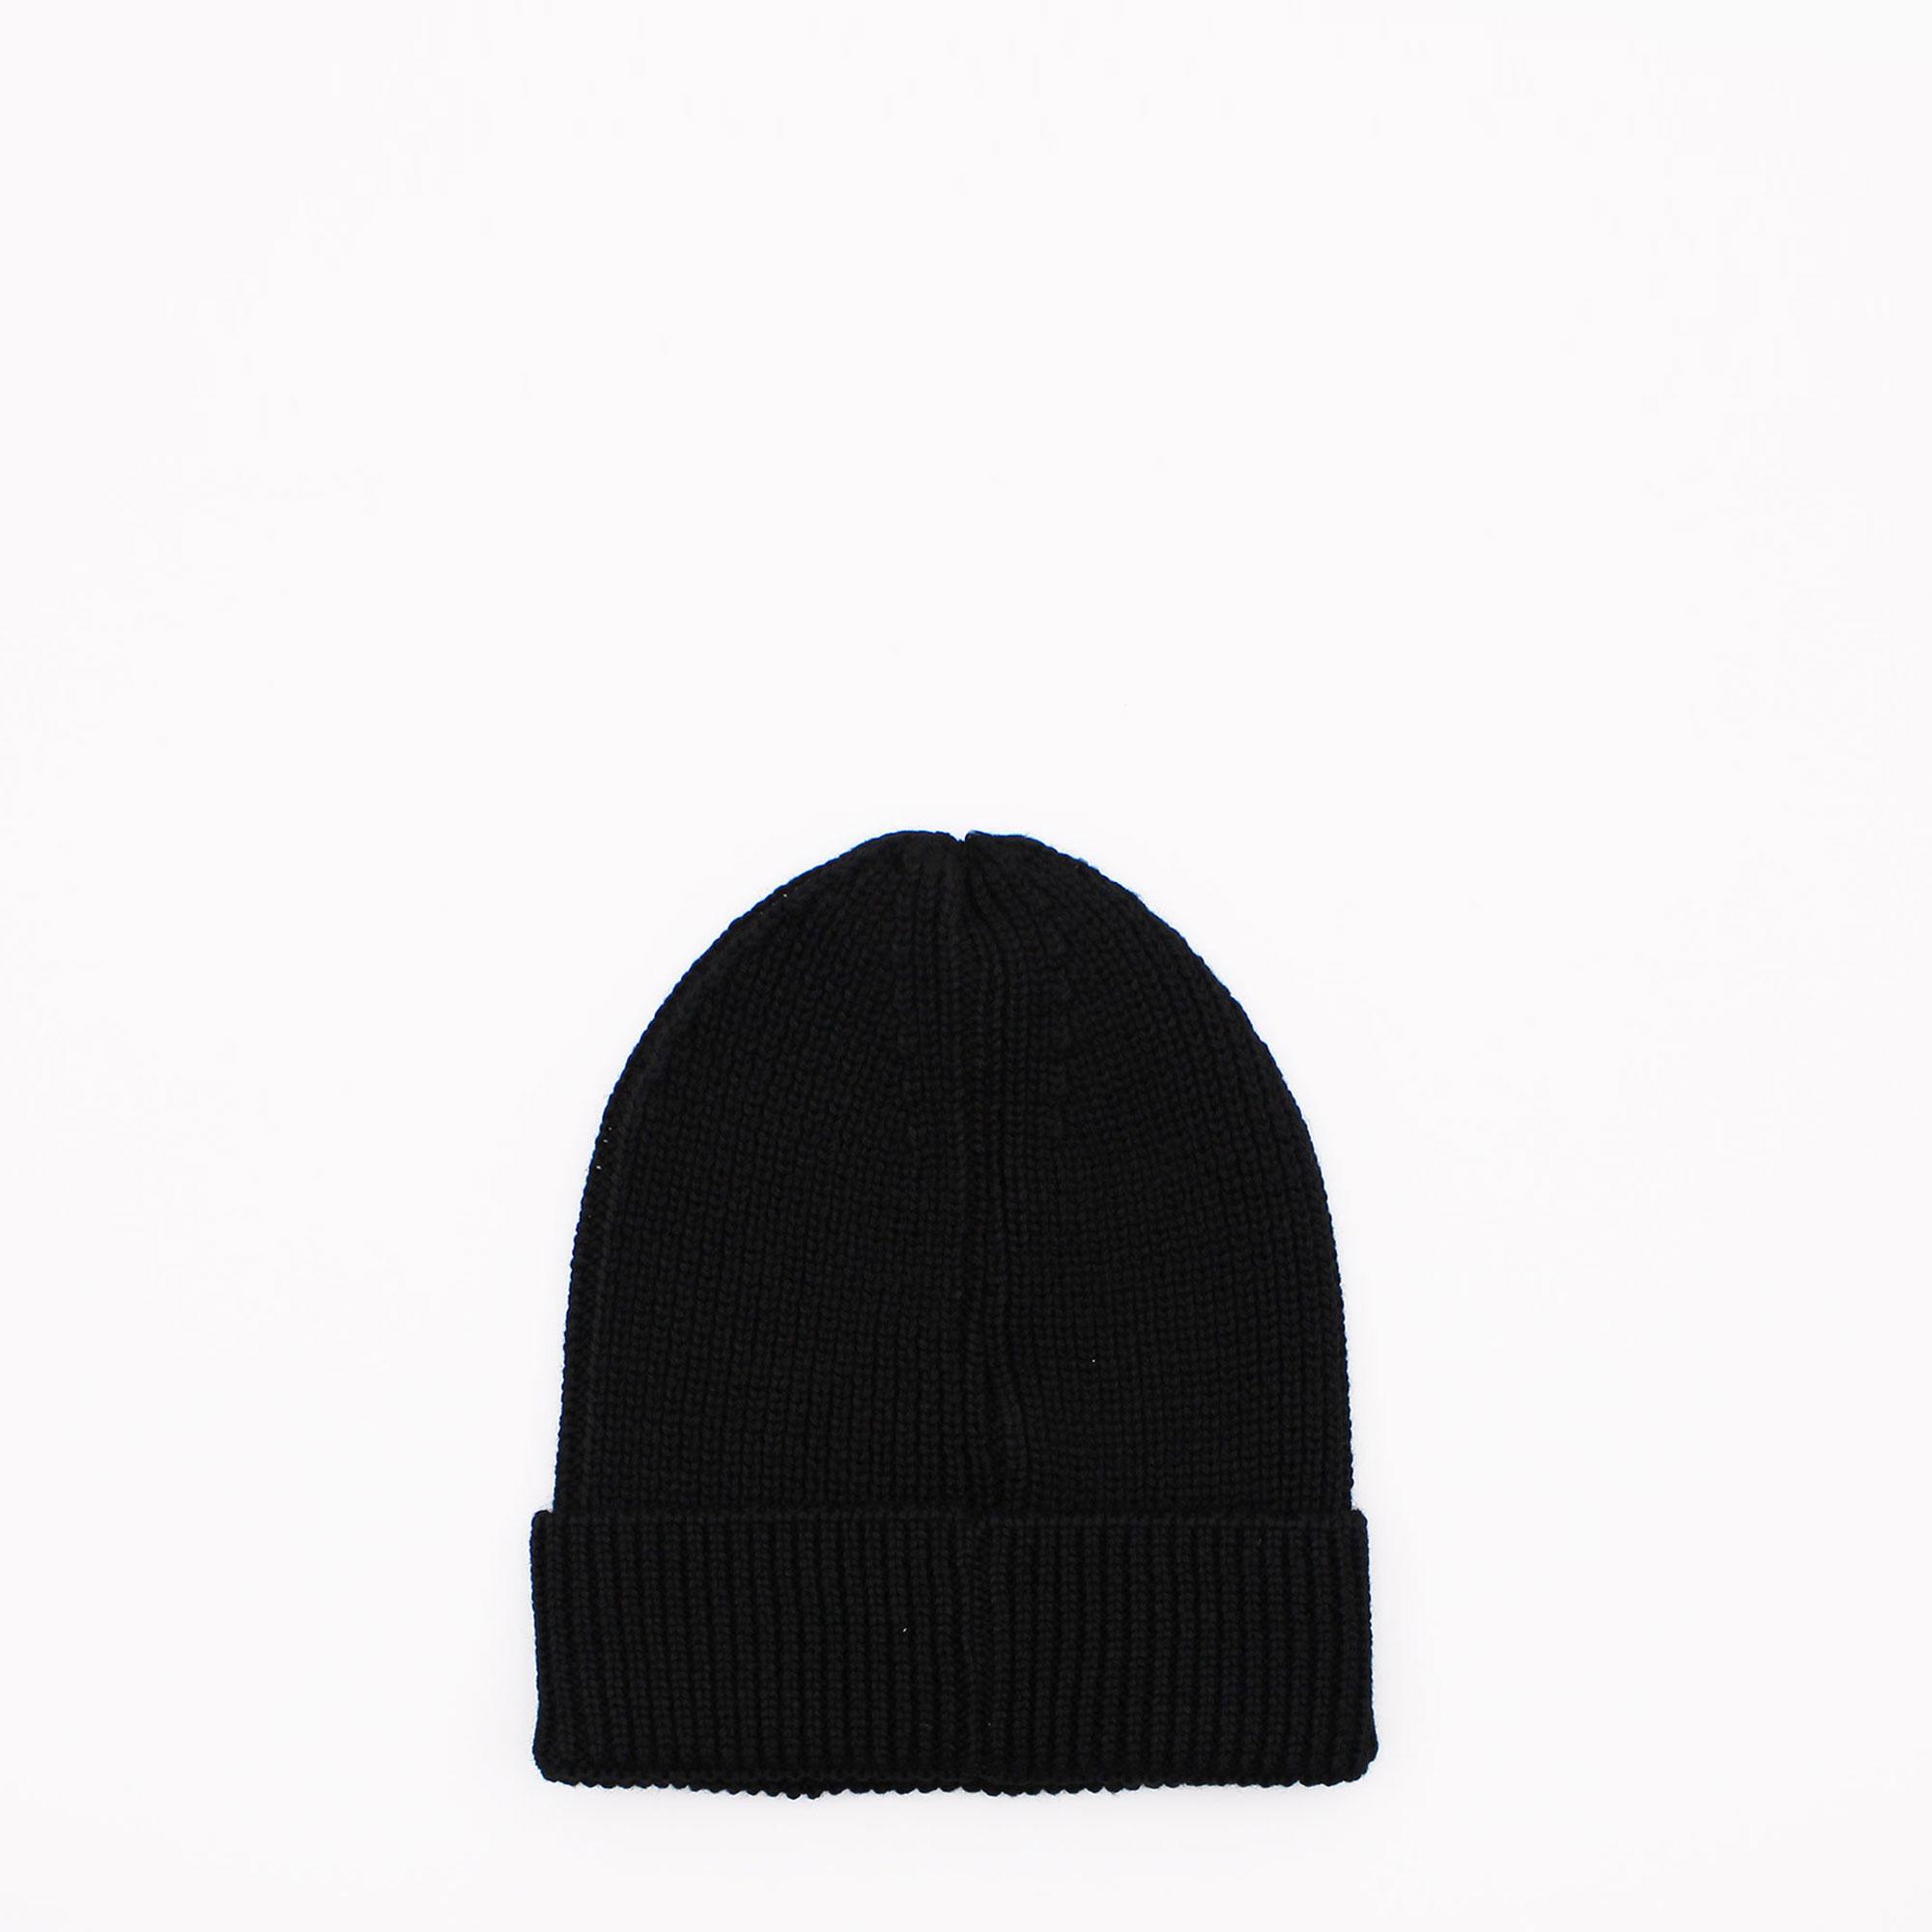 Cappello logo stilizzato burlon - Nero